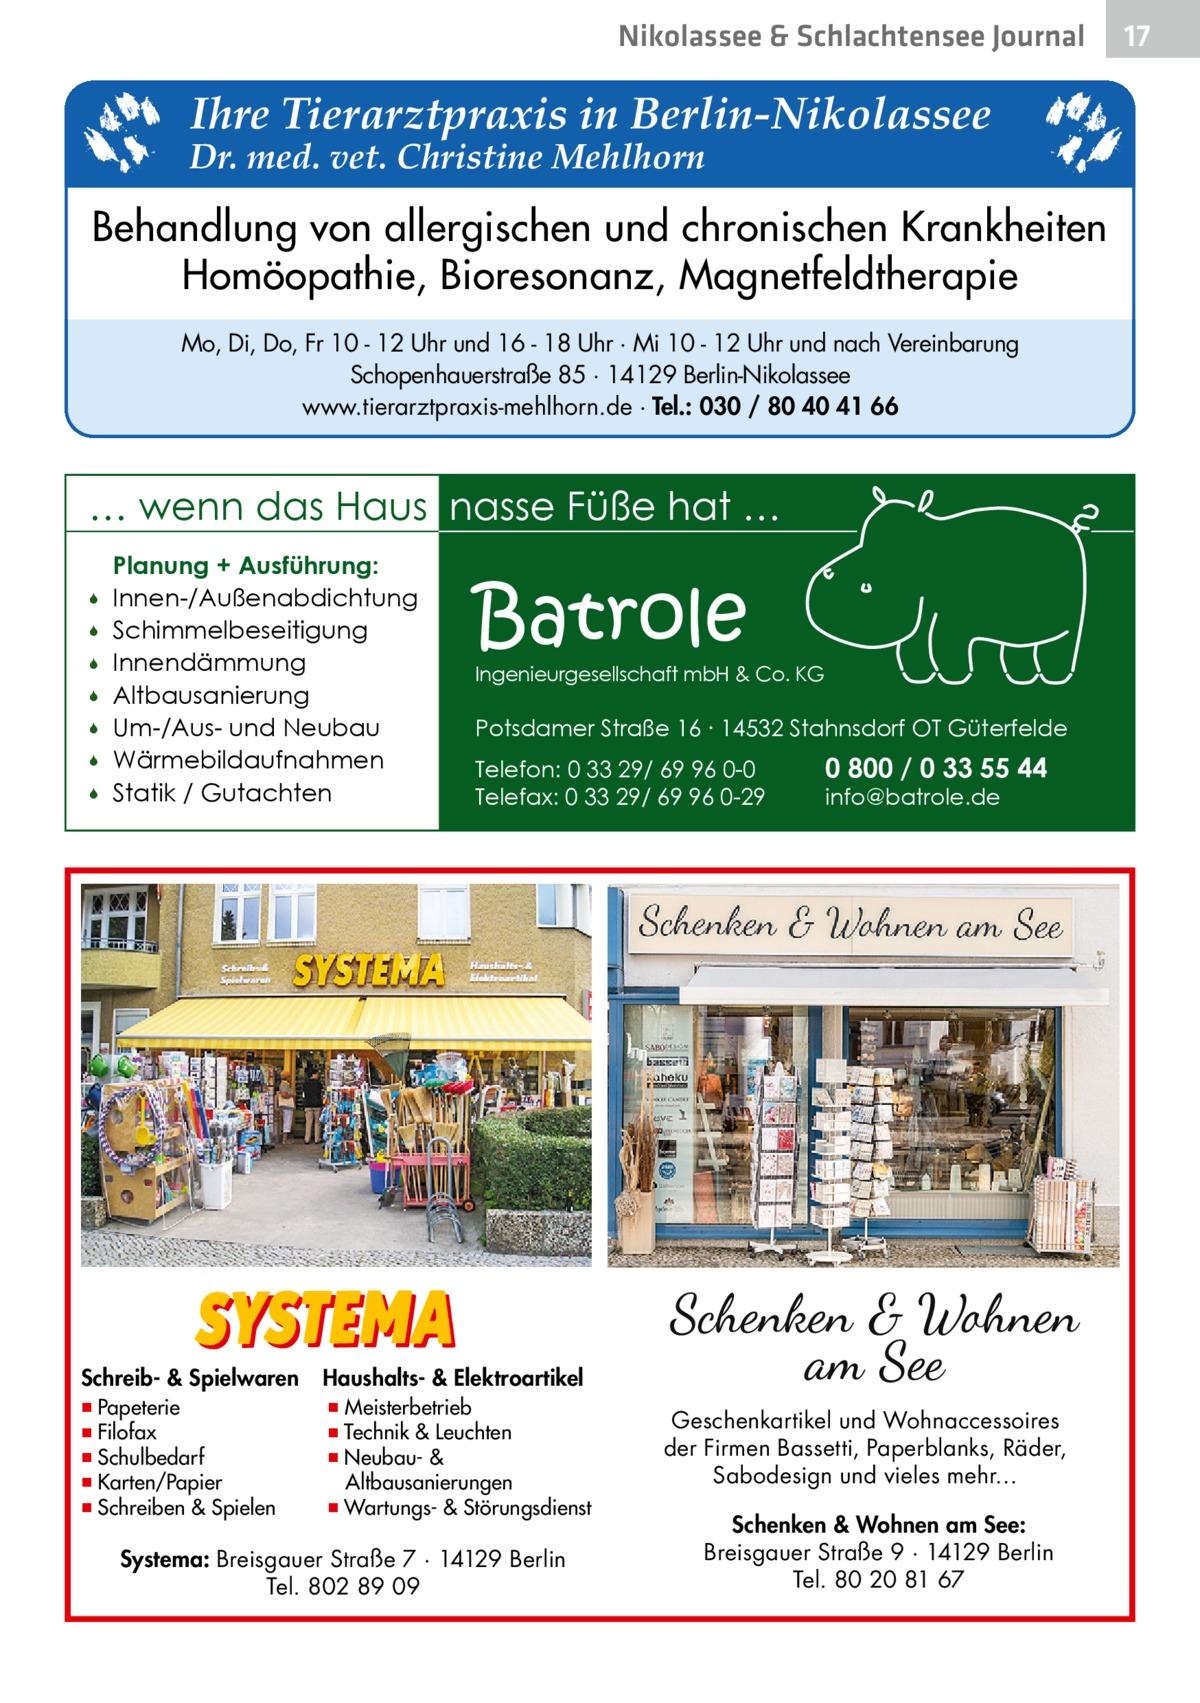 Nikolassee & Schlachtensee Journal  Ihre Tierarztpraxis in Berlin-Nikolassee  Dr. med. vet. Christine Mehlhorn  Behandlung von allergischen und chronischen Krankheiten Homöopathie, Bioresonanz, Magnetfeldtherapie Mo, Di, Do, Fr 10 - 12 Uhr und 16 - 18 Uhr · Mi 10 - 12 Uhr und nach Vereinbarung Schopenhauerstraße 85 · 14129 Berlin-Nikolassee www.tierarztpraxis-mehlhorn.de · Tel.: 030 / 80 40 41 66  … wenn das Haus nasse Füße hat …         Planung + Ausführung: Innen-/Außenabdichtung Schimmelbeseitigung Innendämmung Altbausanierung Um-/Aus- und Neubau Wärmebildaufnahmen Statik / Gutachten  Schreib- & Spielwaren  ▪ Papeterie ▪ Filofax ▪ Schulbedarf ▪ Karten/Papier ▪ Schreiben & Spielen  Batrole  Ingenieurgesellschaft mbH & Co. KG  Potsdamer Straße 16 ∙ 14532 Stahnsdorf OT Güterfelde Telefon: 0 33 29/ 69 96 0-0 Telefax: 0 33 29/ 69 96 0-29  0 800 / 0 33 55 44 info@batrole.de  Haushalts- & Elektroartikel  ▪ Meisterbetrieb ▪ Technik & Leuchten ▪ Neubau- & Altbausanierungen ▪ Wartungs- & Störungsdienst  Systema: Breisgauer Straße 7 · 14129 Berlin Tel. 802 89 09  Geschenkartikel und Wohnaccessoires der Firmen Bassetti, Paperblanks, Räder, Sabodesign und vieles mehr… Schenken & Wohnen am See: Breisgauer Straße 9 · 14129 Berlin Tel. 80 20 81 67  17